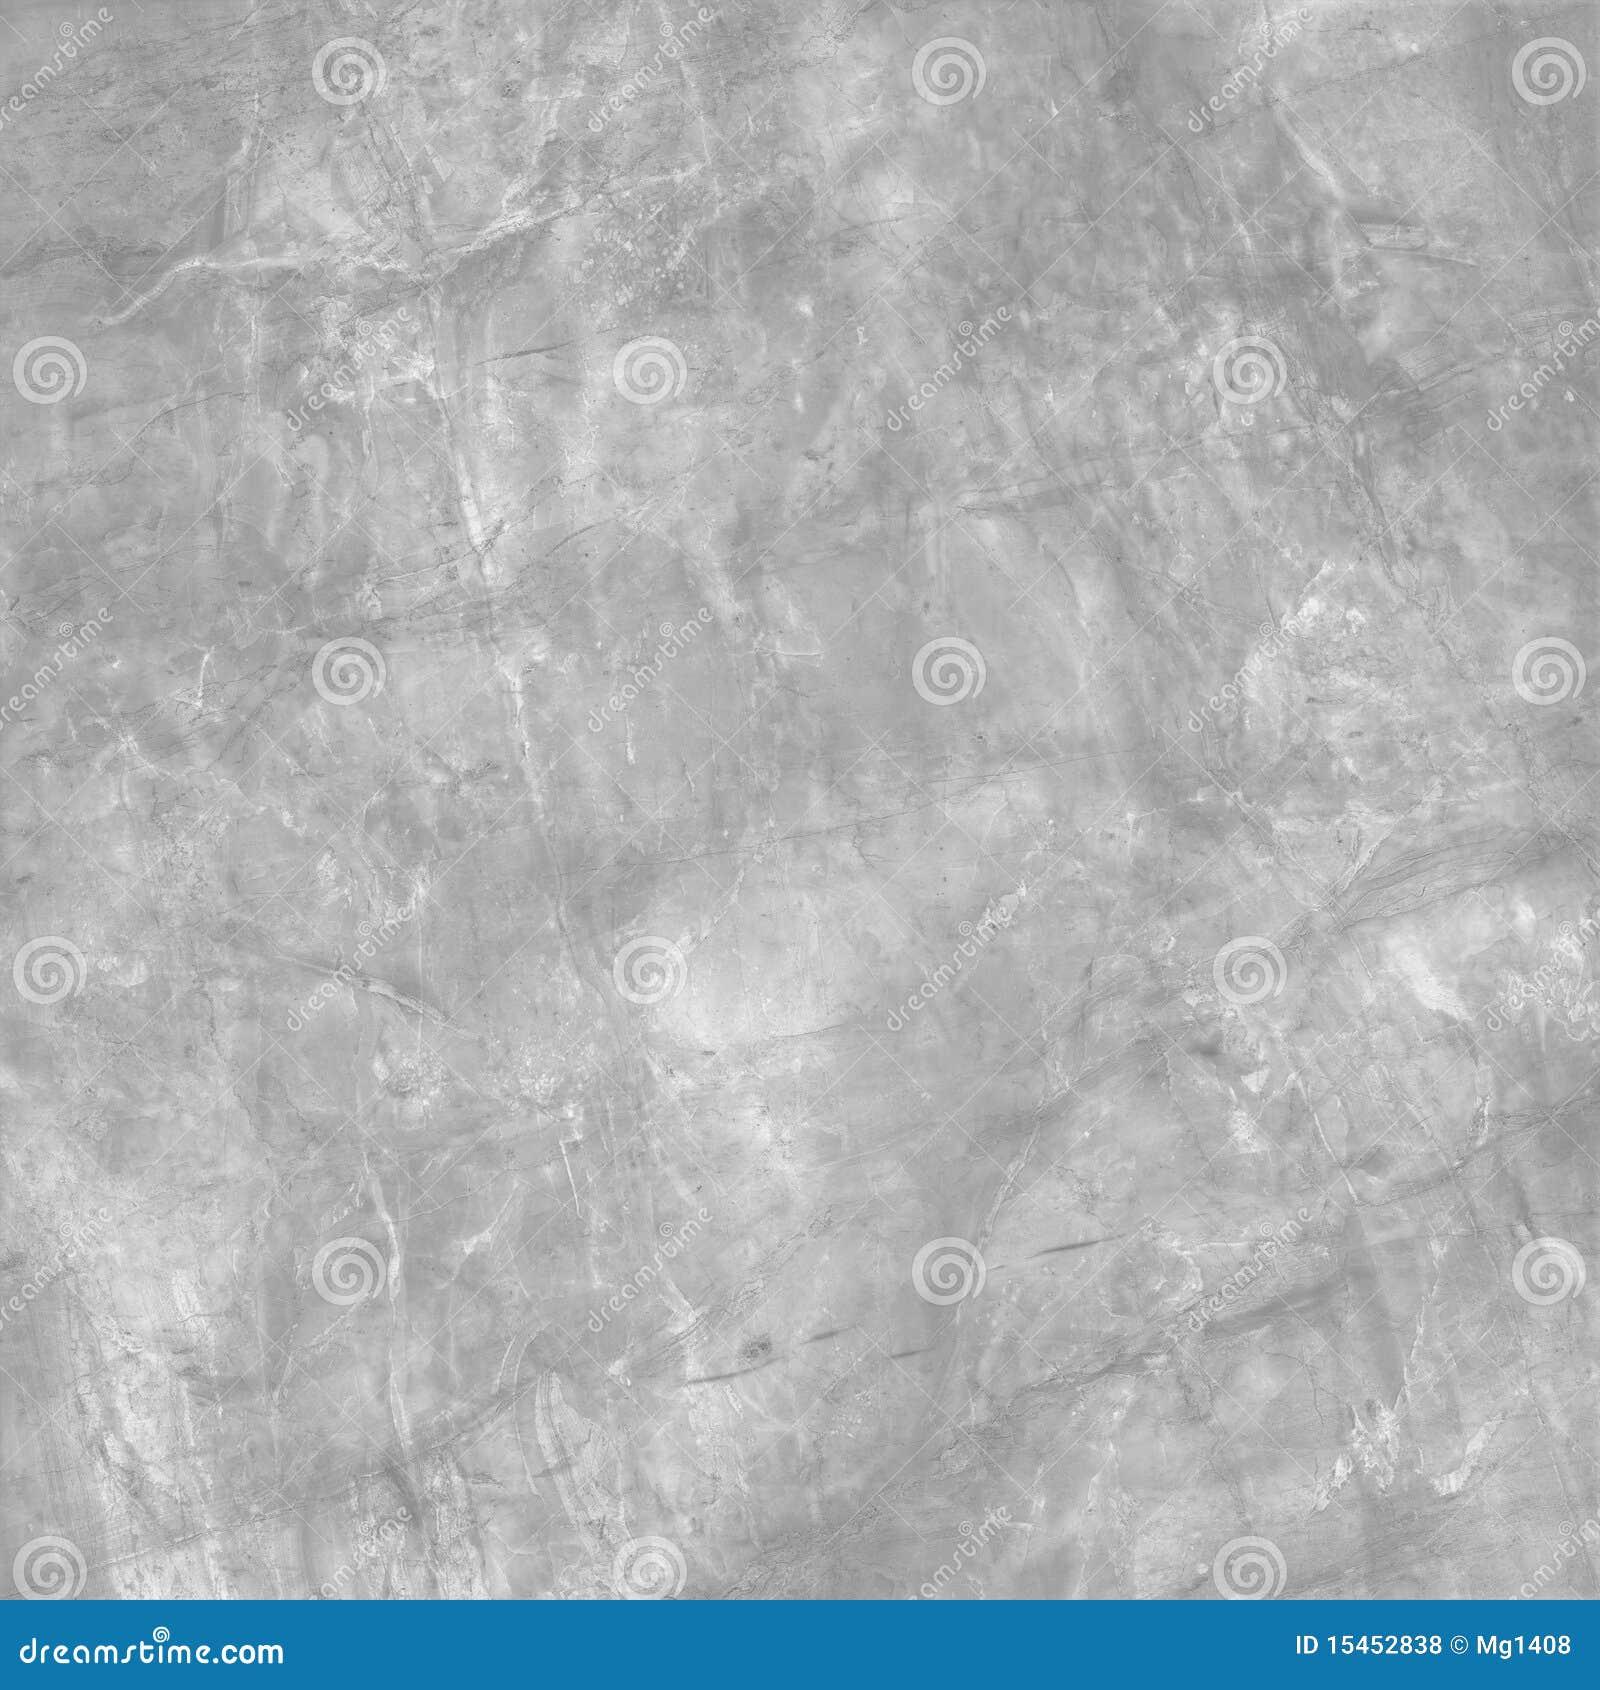 Textura de m rmol gris fotos de archivo libres de regal as for Marmol gris textura